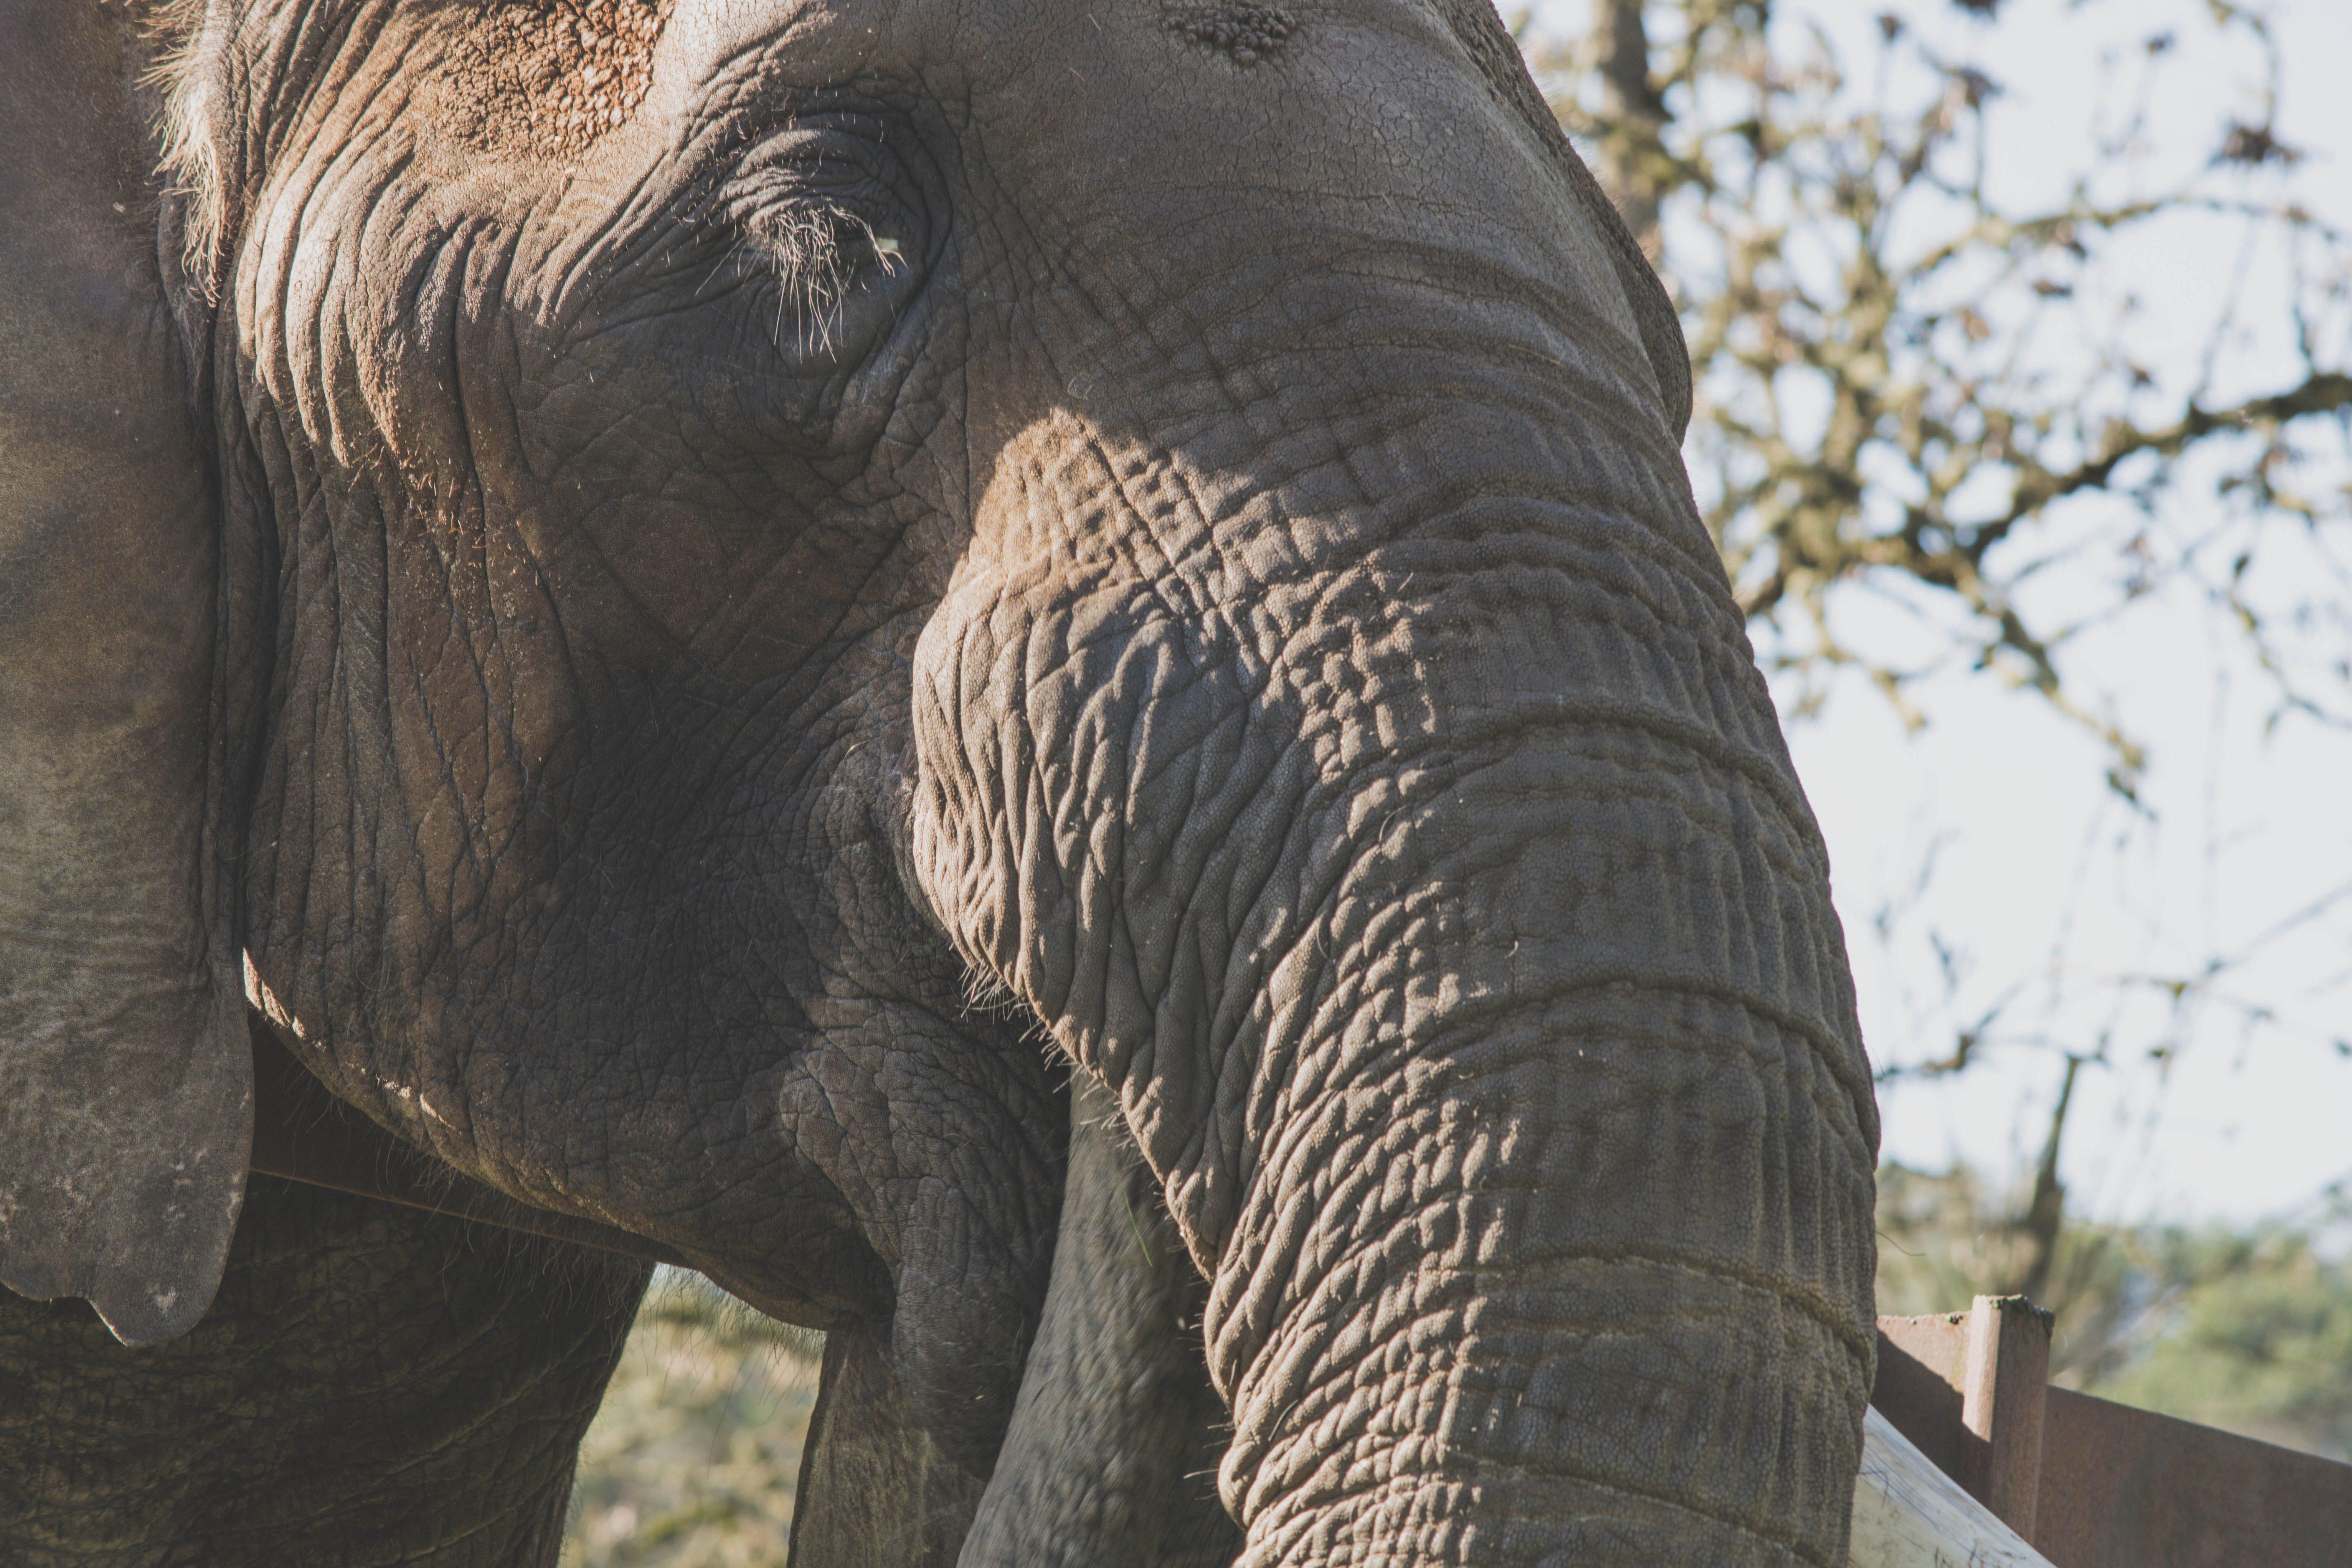 ... Majestic, Elephant, Trunk, Nature, Wildlife, Big, Animal, Africa